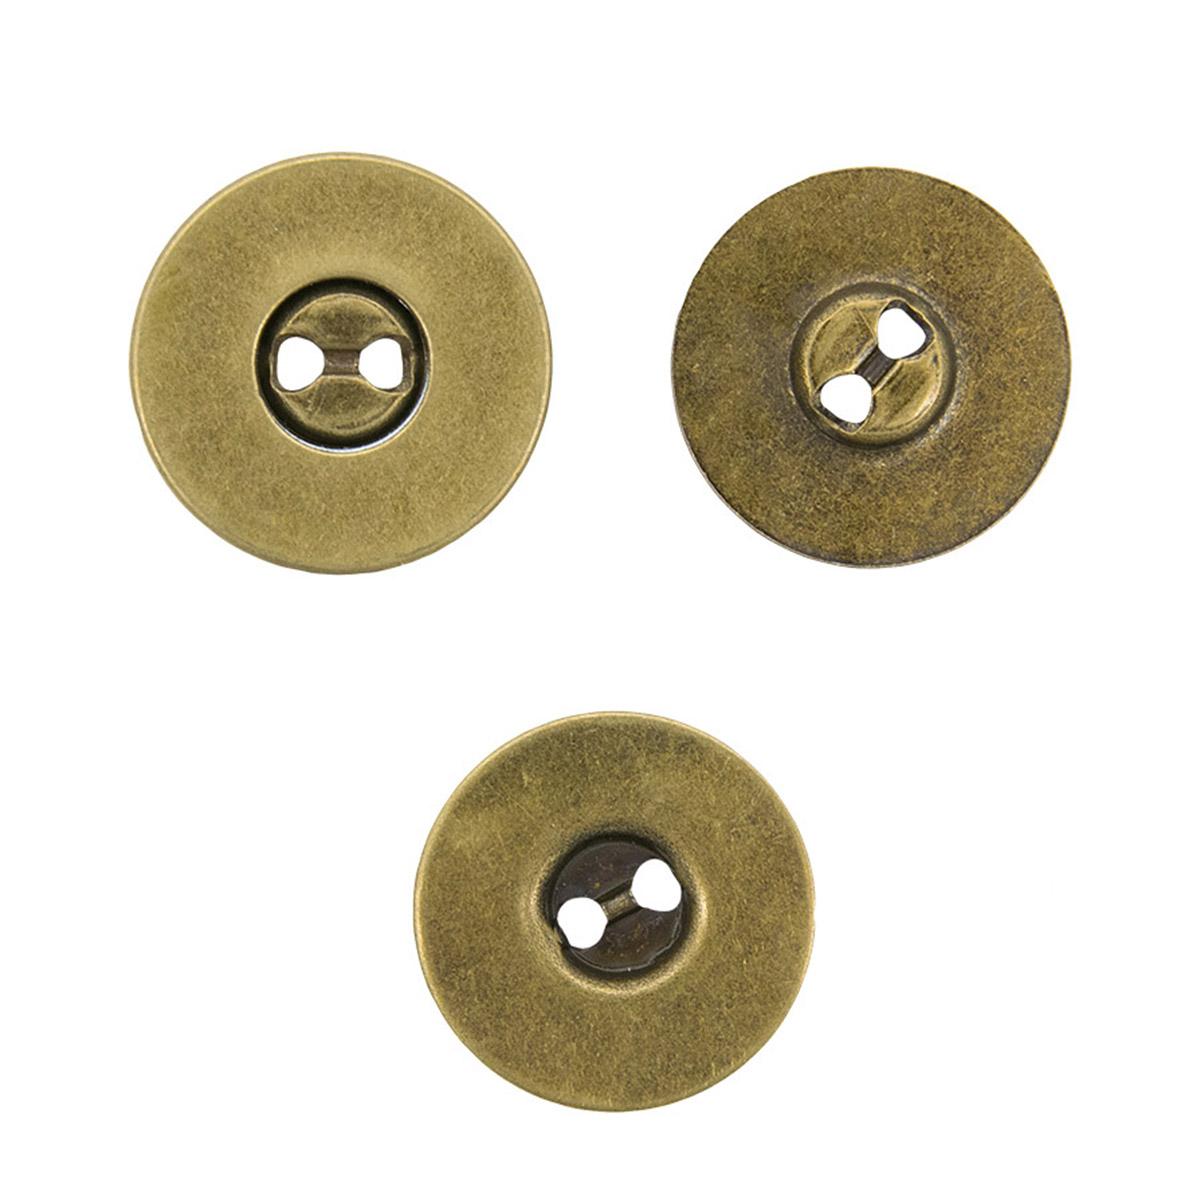 416472 Магнитные пуговицы, состаренная латунь, 19 мм, упак./3 шт., Prym